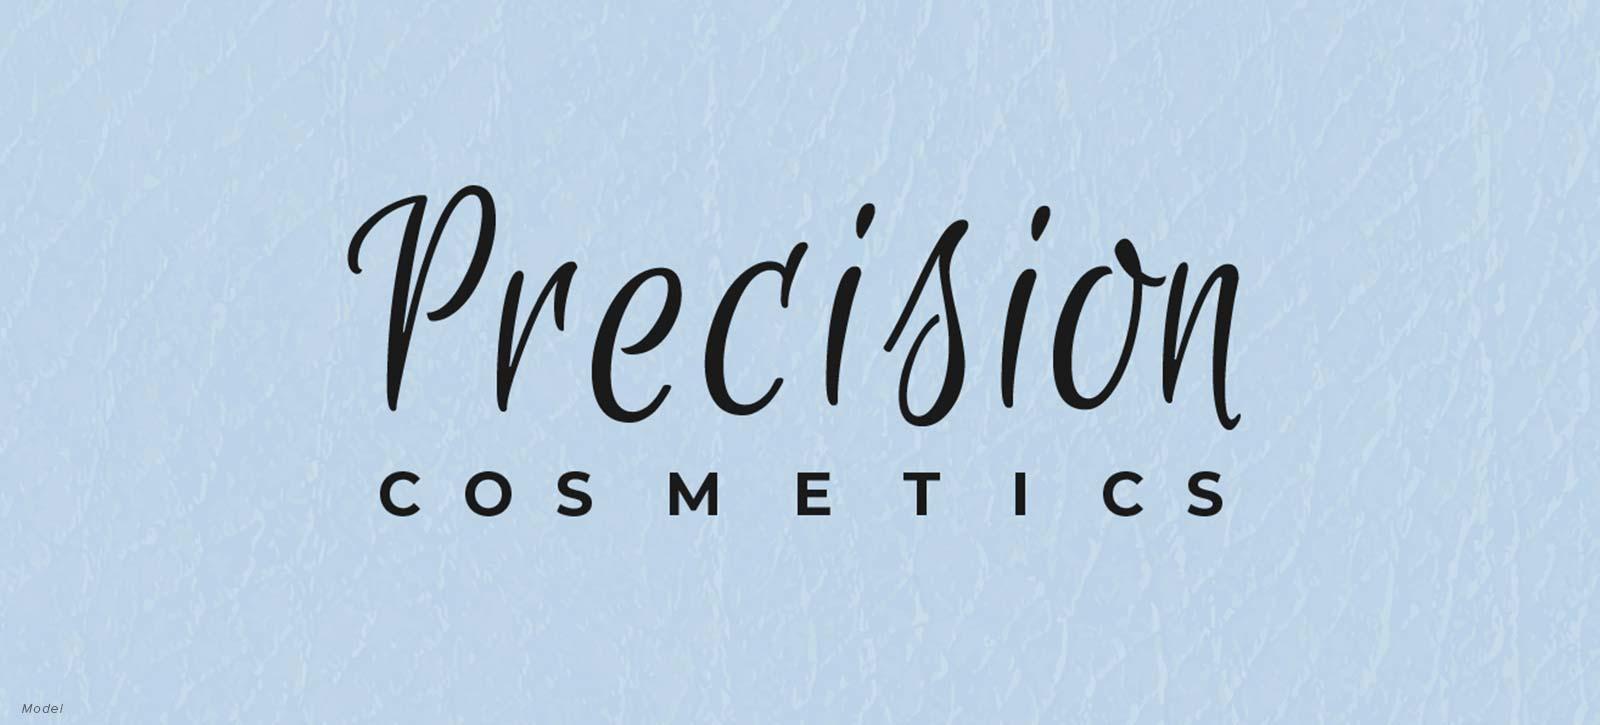 Precision Cosmetics banner